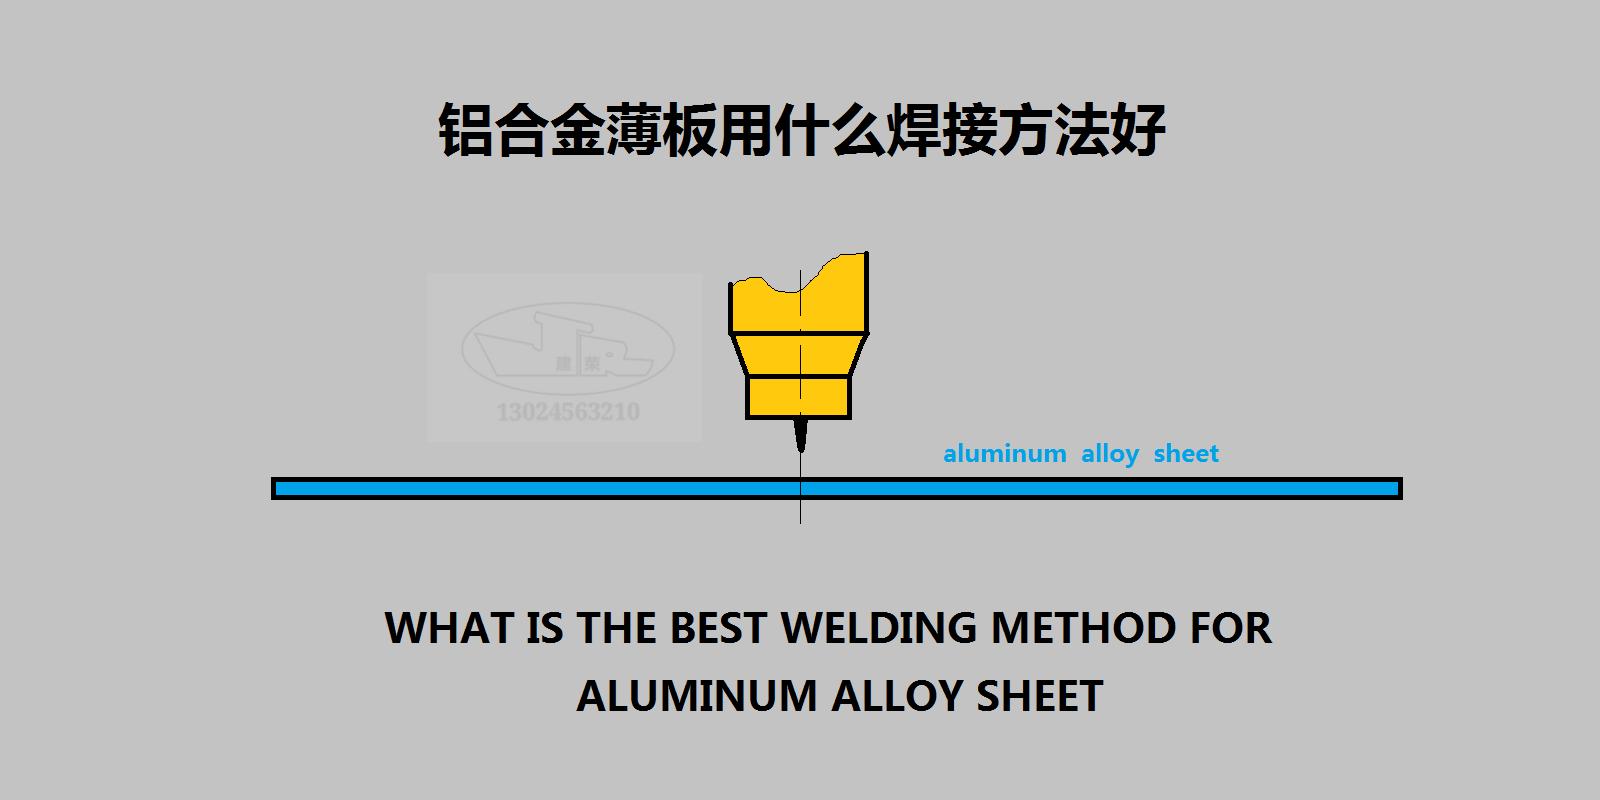 铝合金薄板用什么焊接方法好